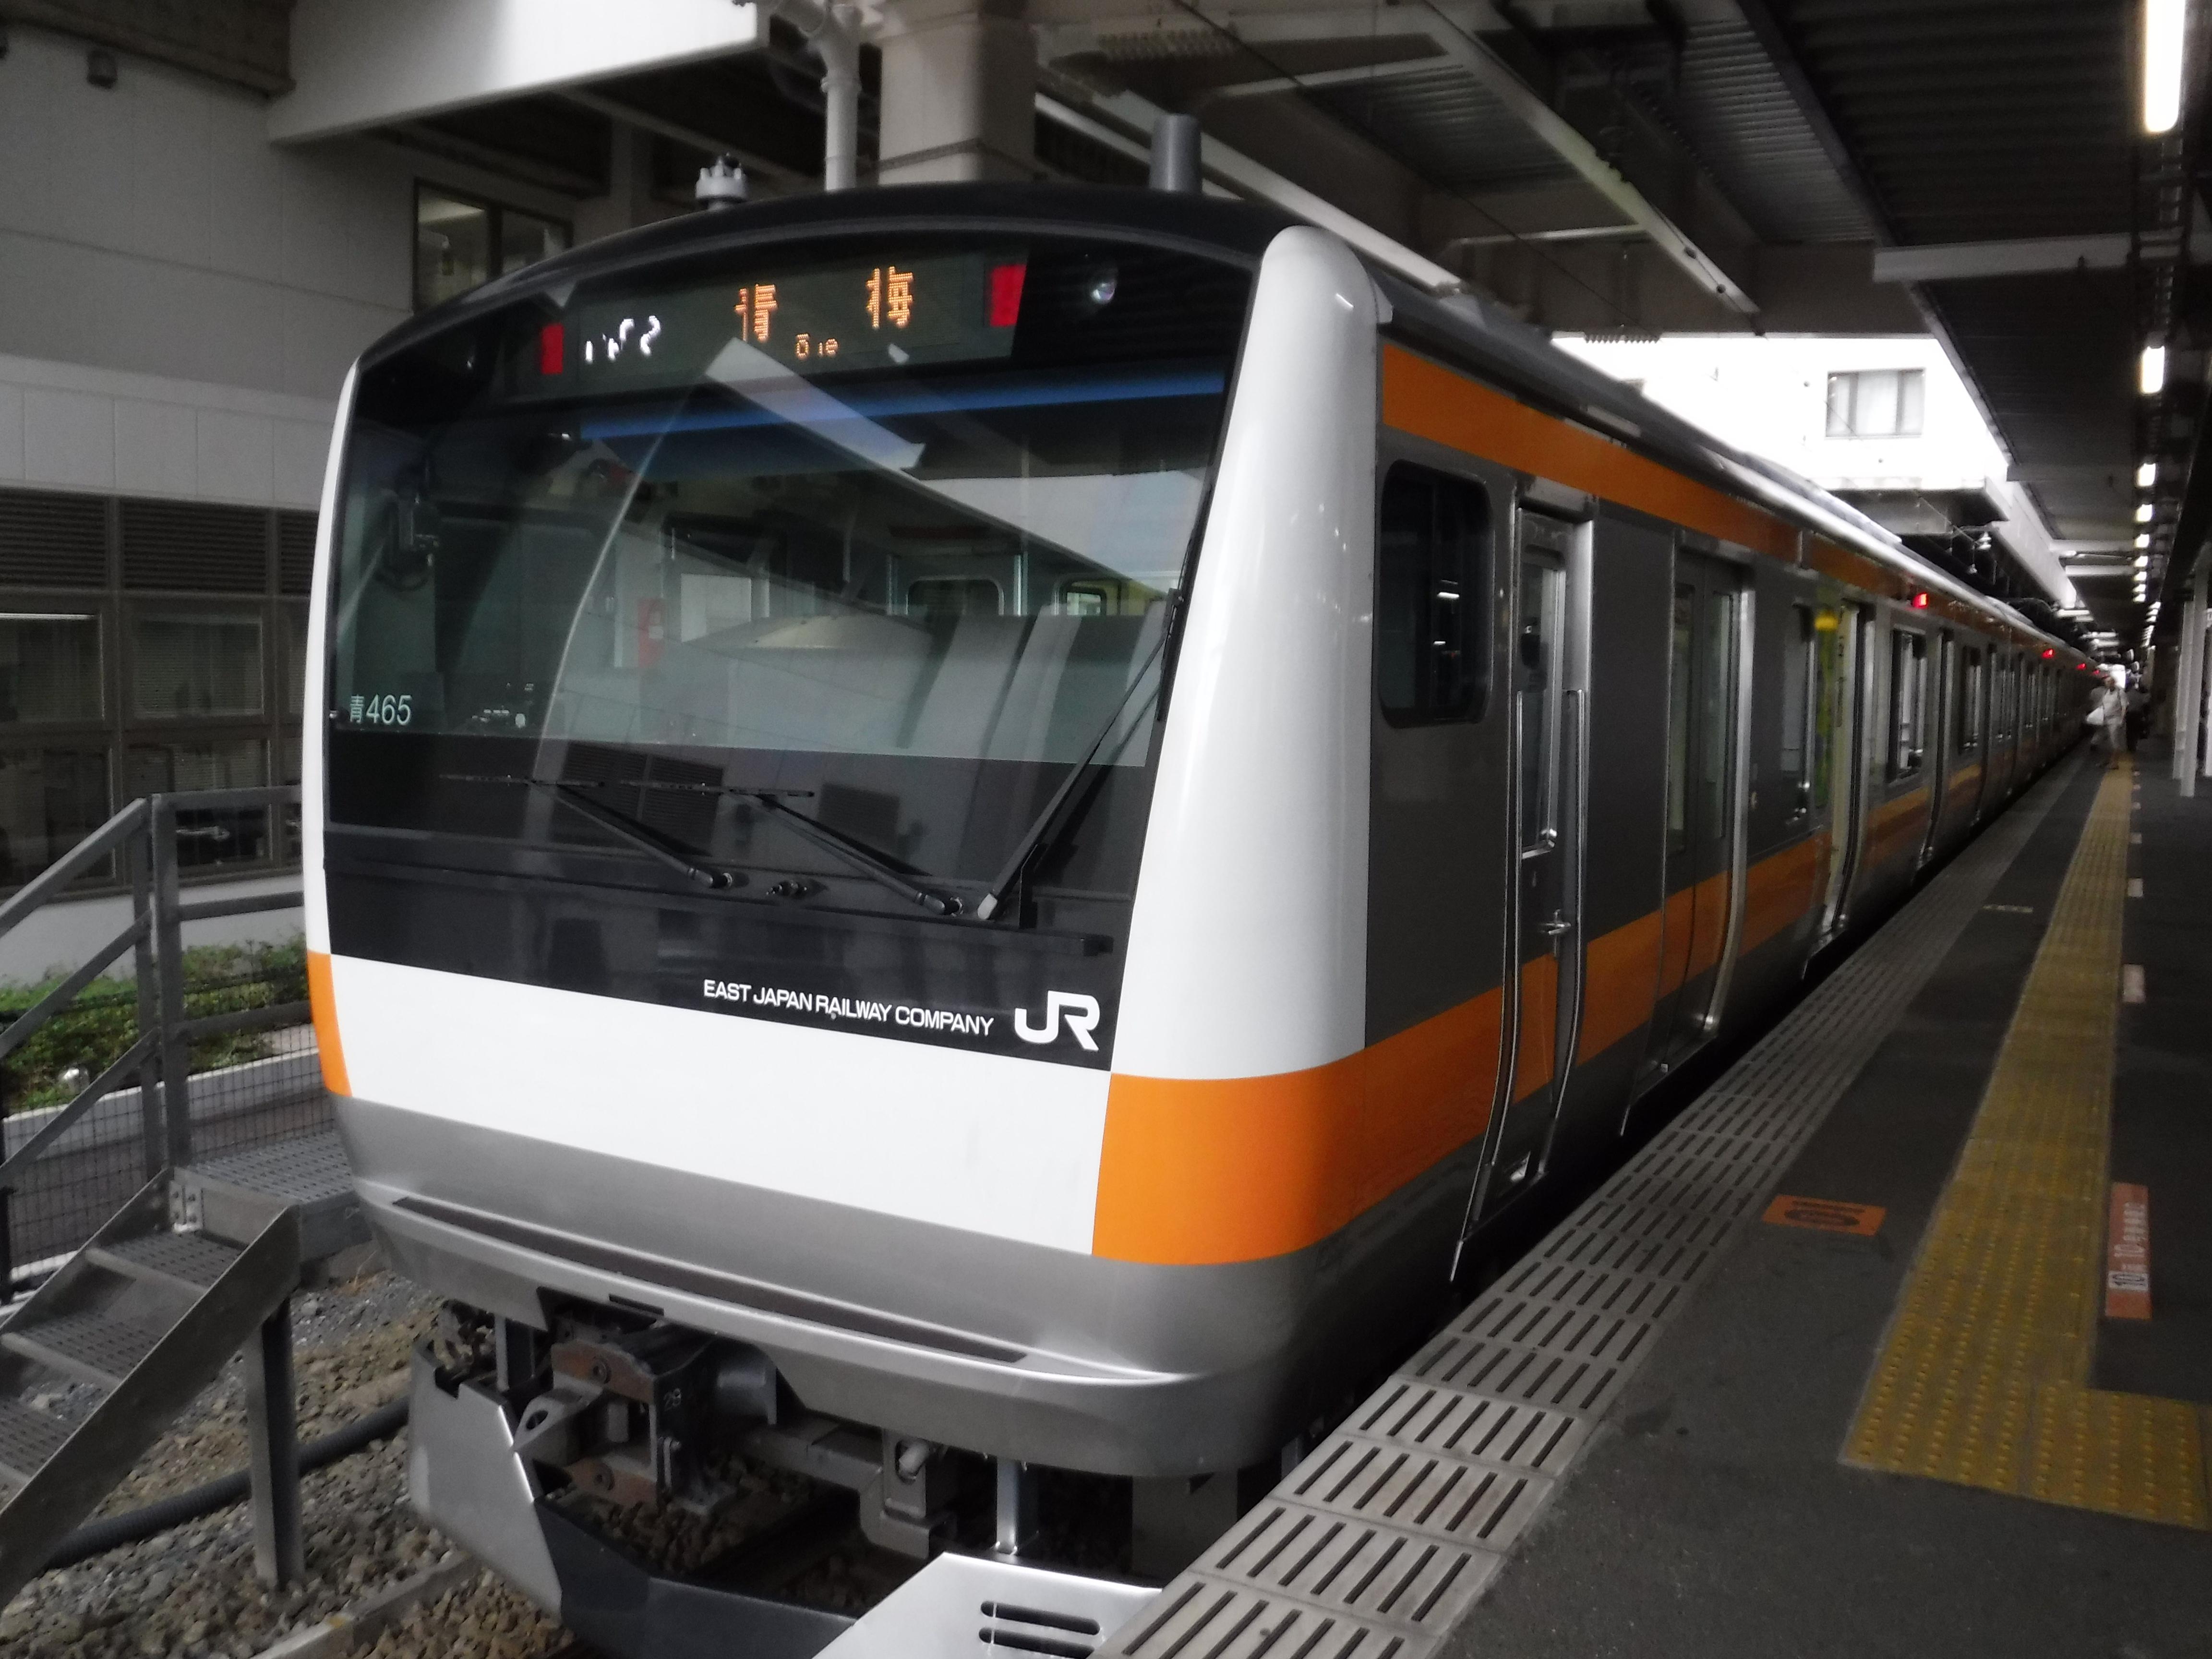 2018.7.4鉄道レポート:青梅線ラッピング電車乗車レビュー・Mue-Train立川で目撃